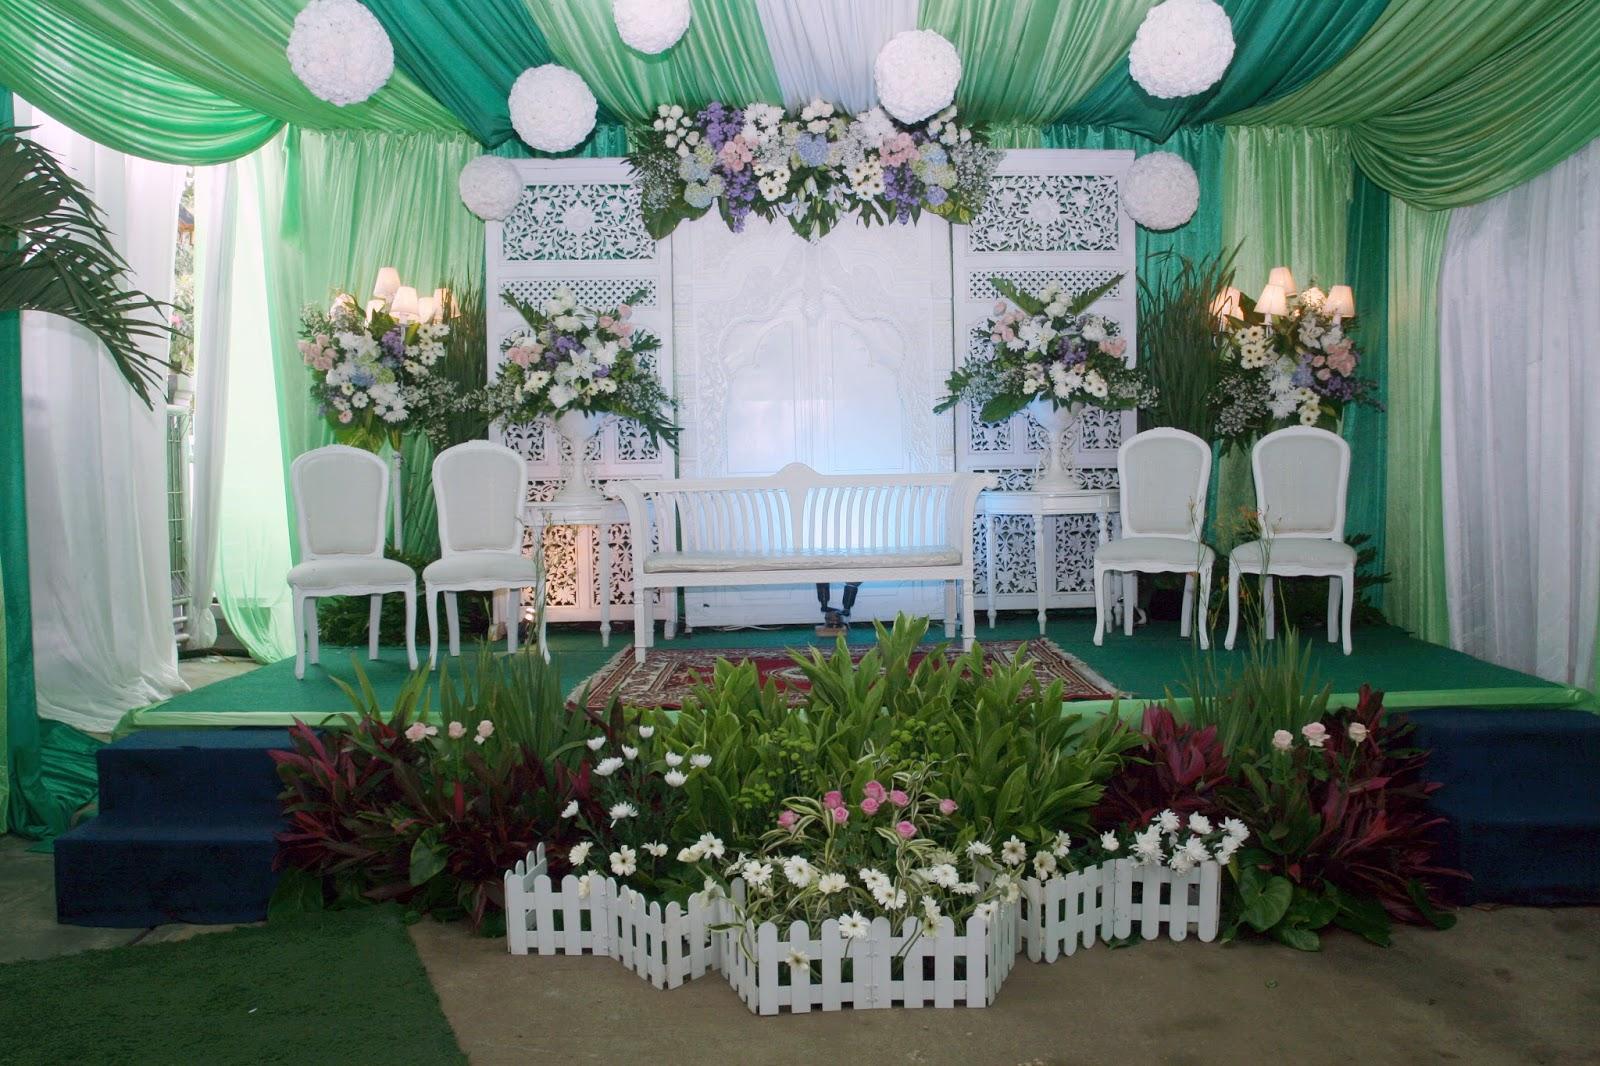 Gallery primera dekorasi pelaminan di gedung primera wedding paket pernikahan murah 2016 junglespirit Image collections